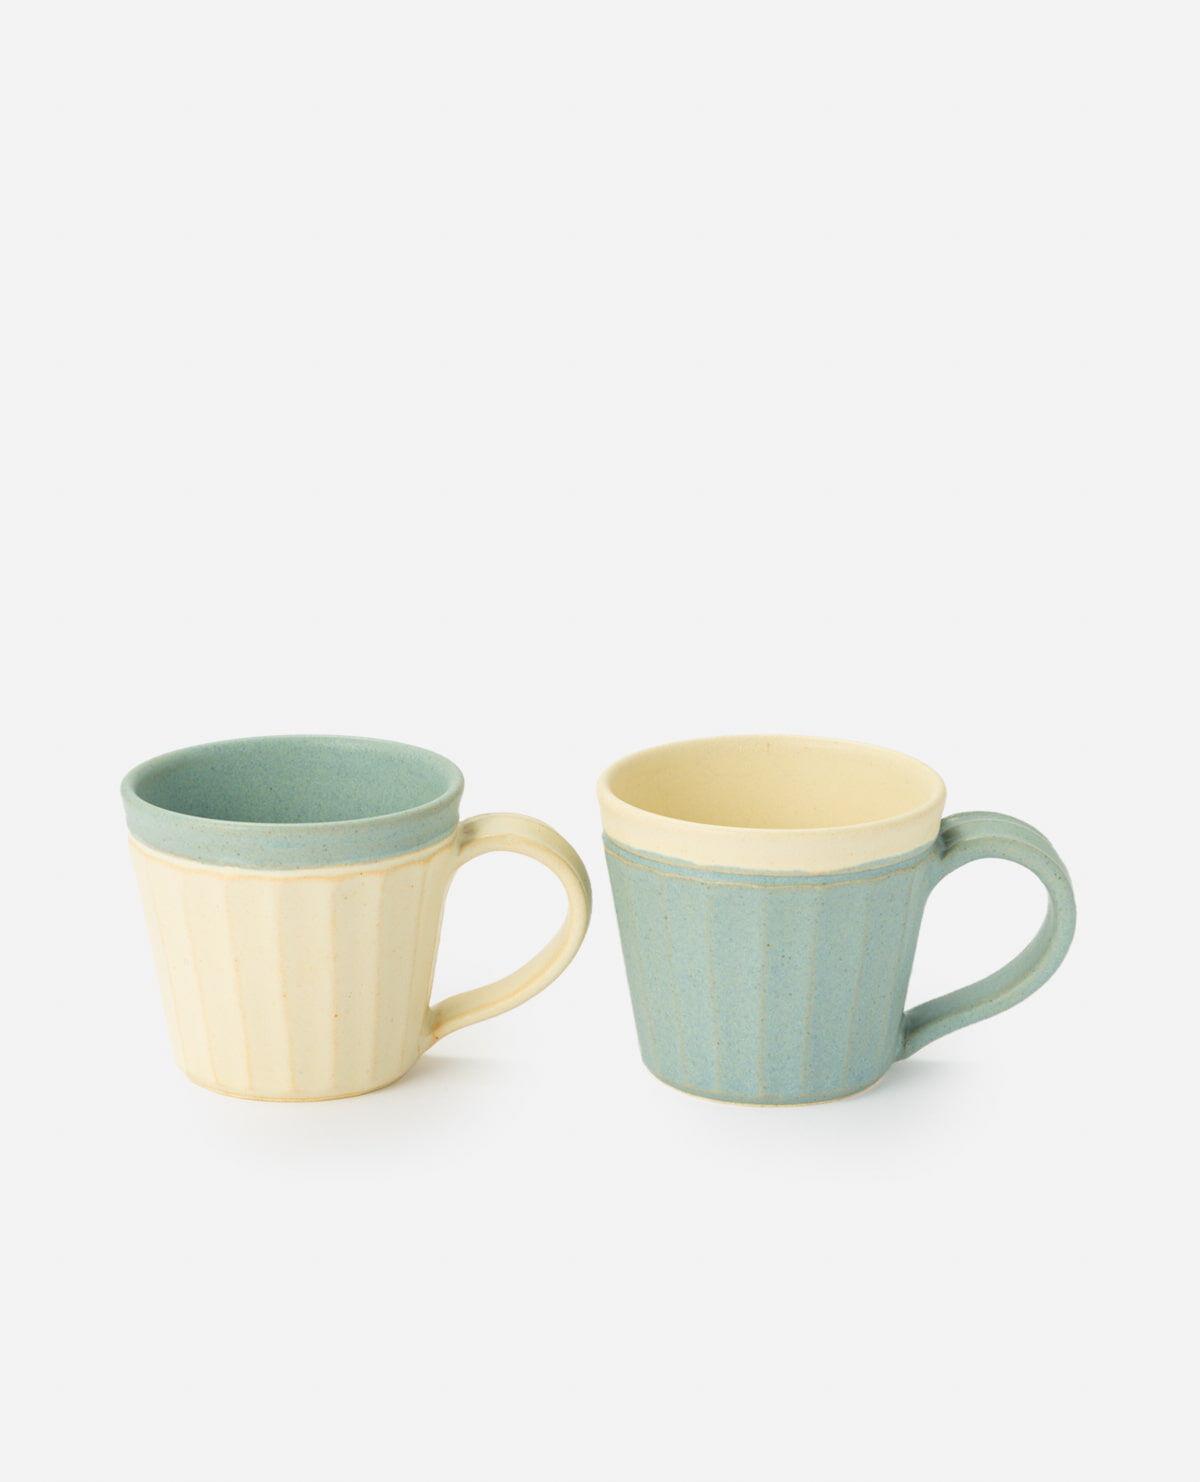 PELICAN TEA CUP(ティーカップ ホワイト ブルー)